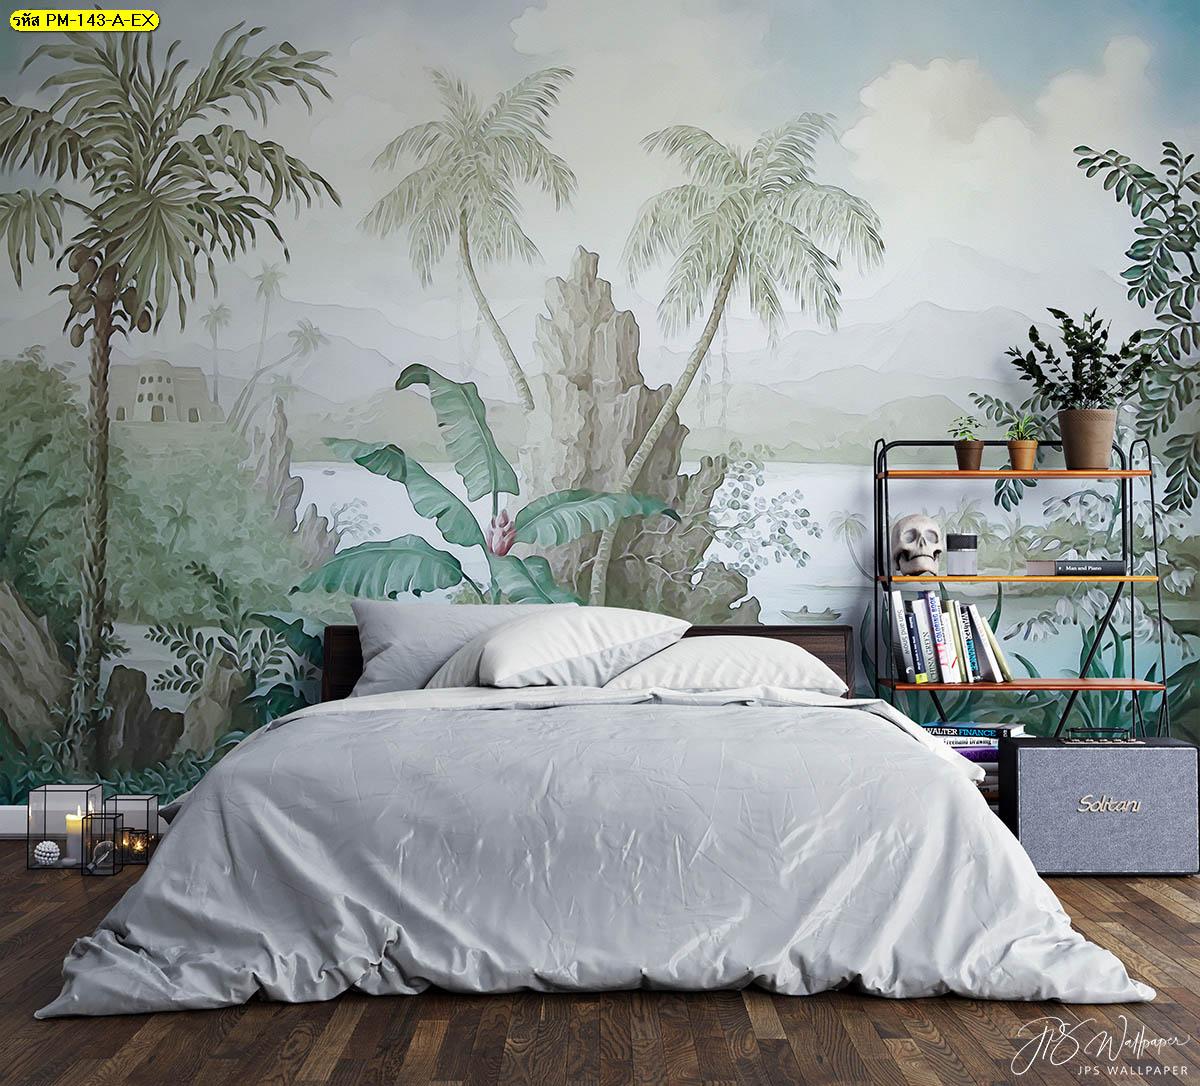 ภายในห้องนอนติดรูปภาพธรรมชาติ เติมเต็มบรรยากาศแห่งการพักผ่อน